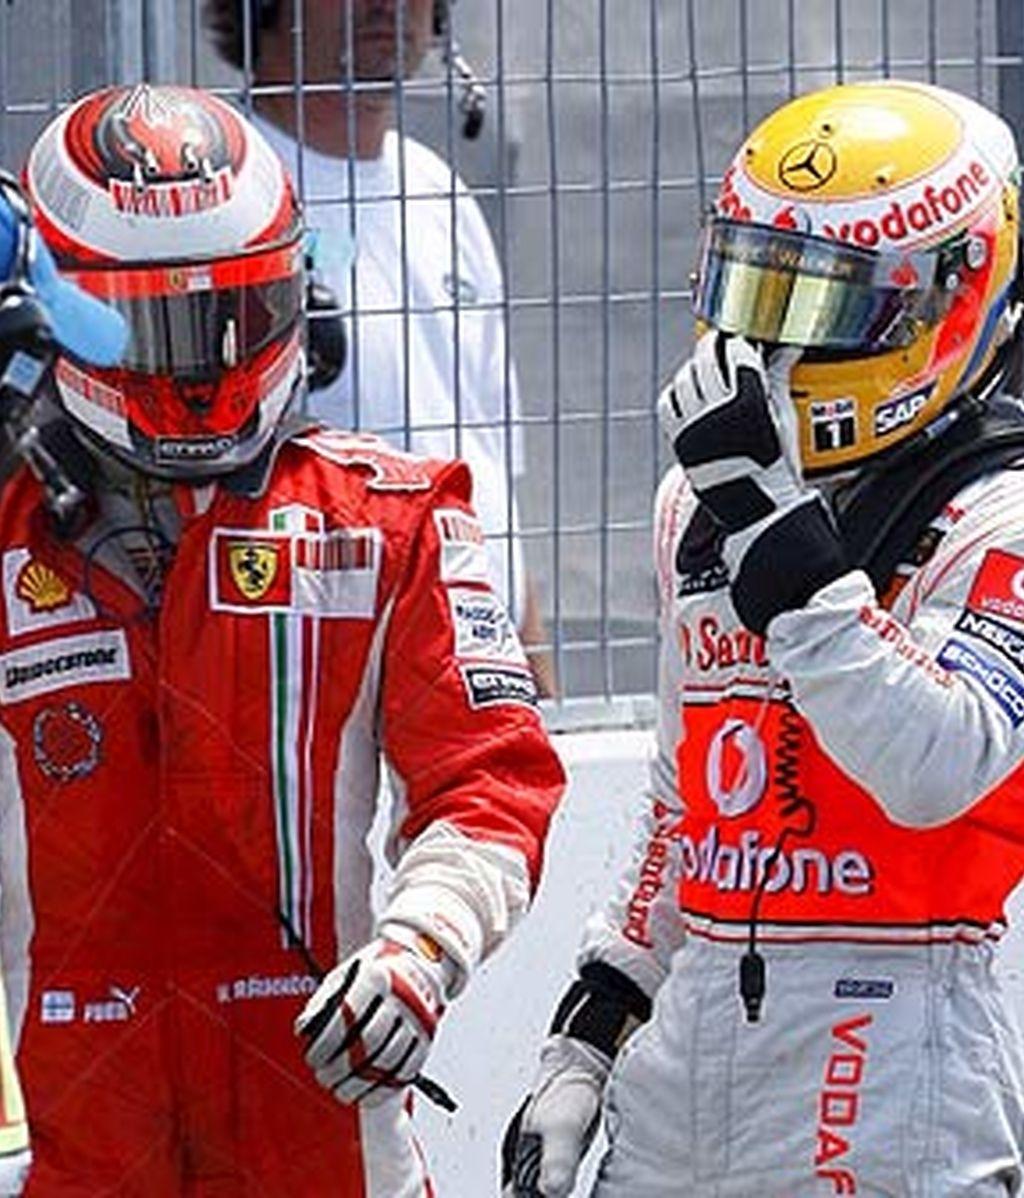 El piloto inglés se ha tenido que disculpar con Raikkonen. Foto: EFE